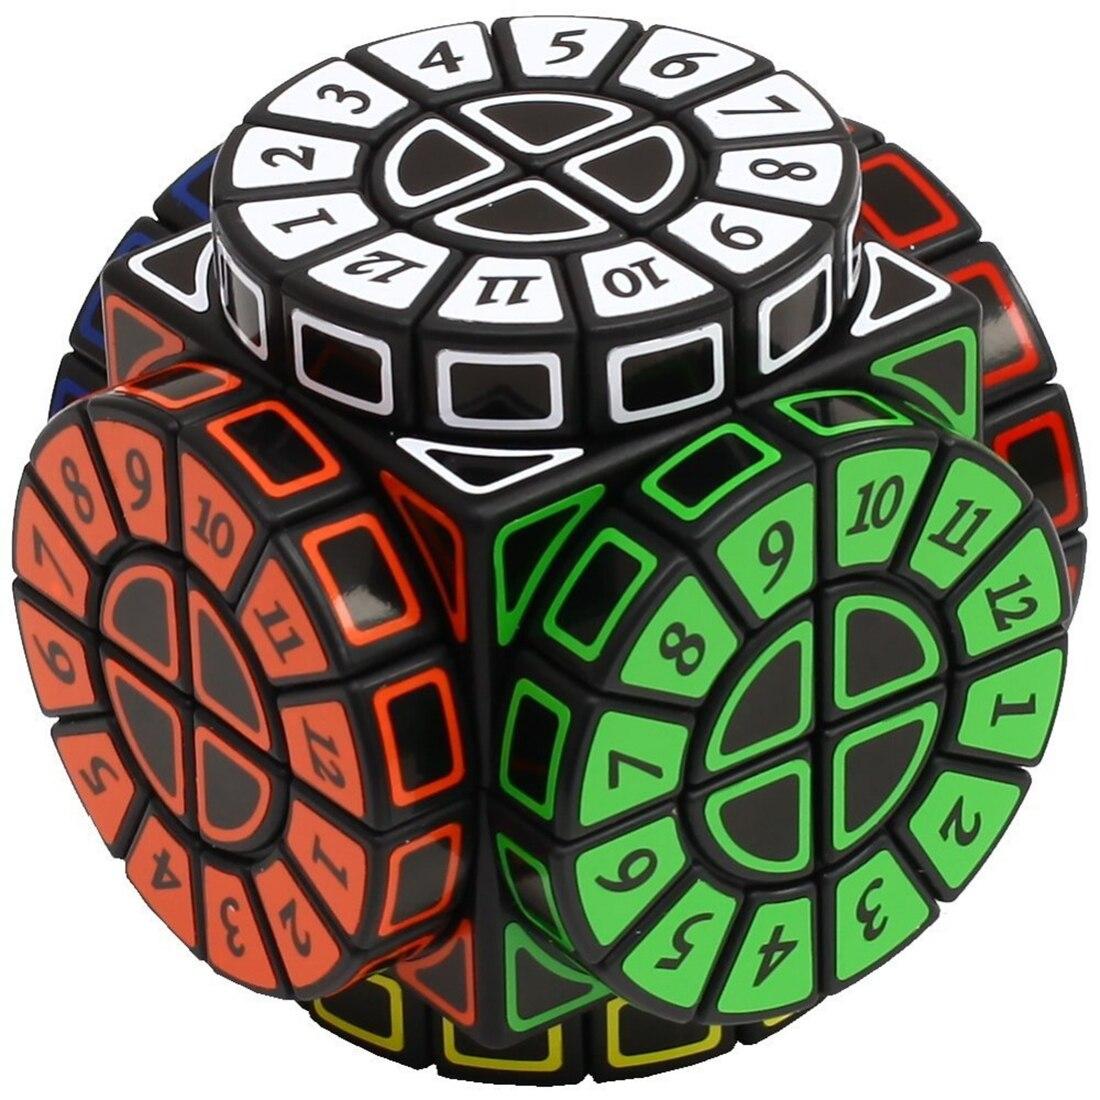 Cube Style 2x2 temps Machine Cube autocollants vitesse magique Cube Puzzle Version limitée forme de roues de sagesse Cubo Magico apprentissage